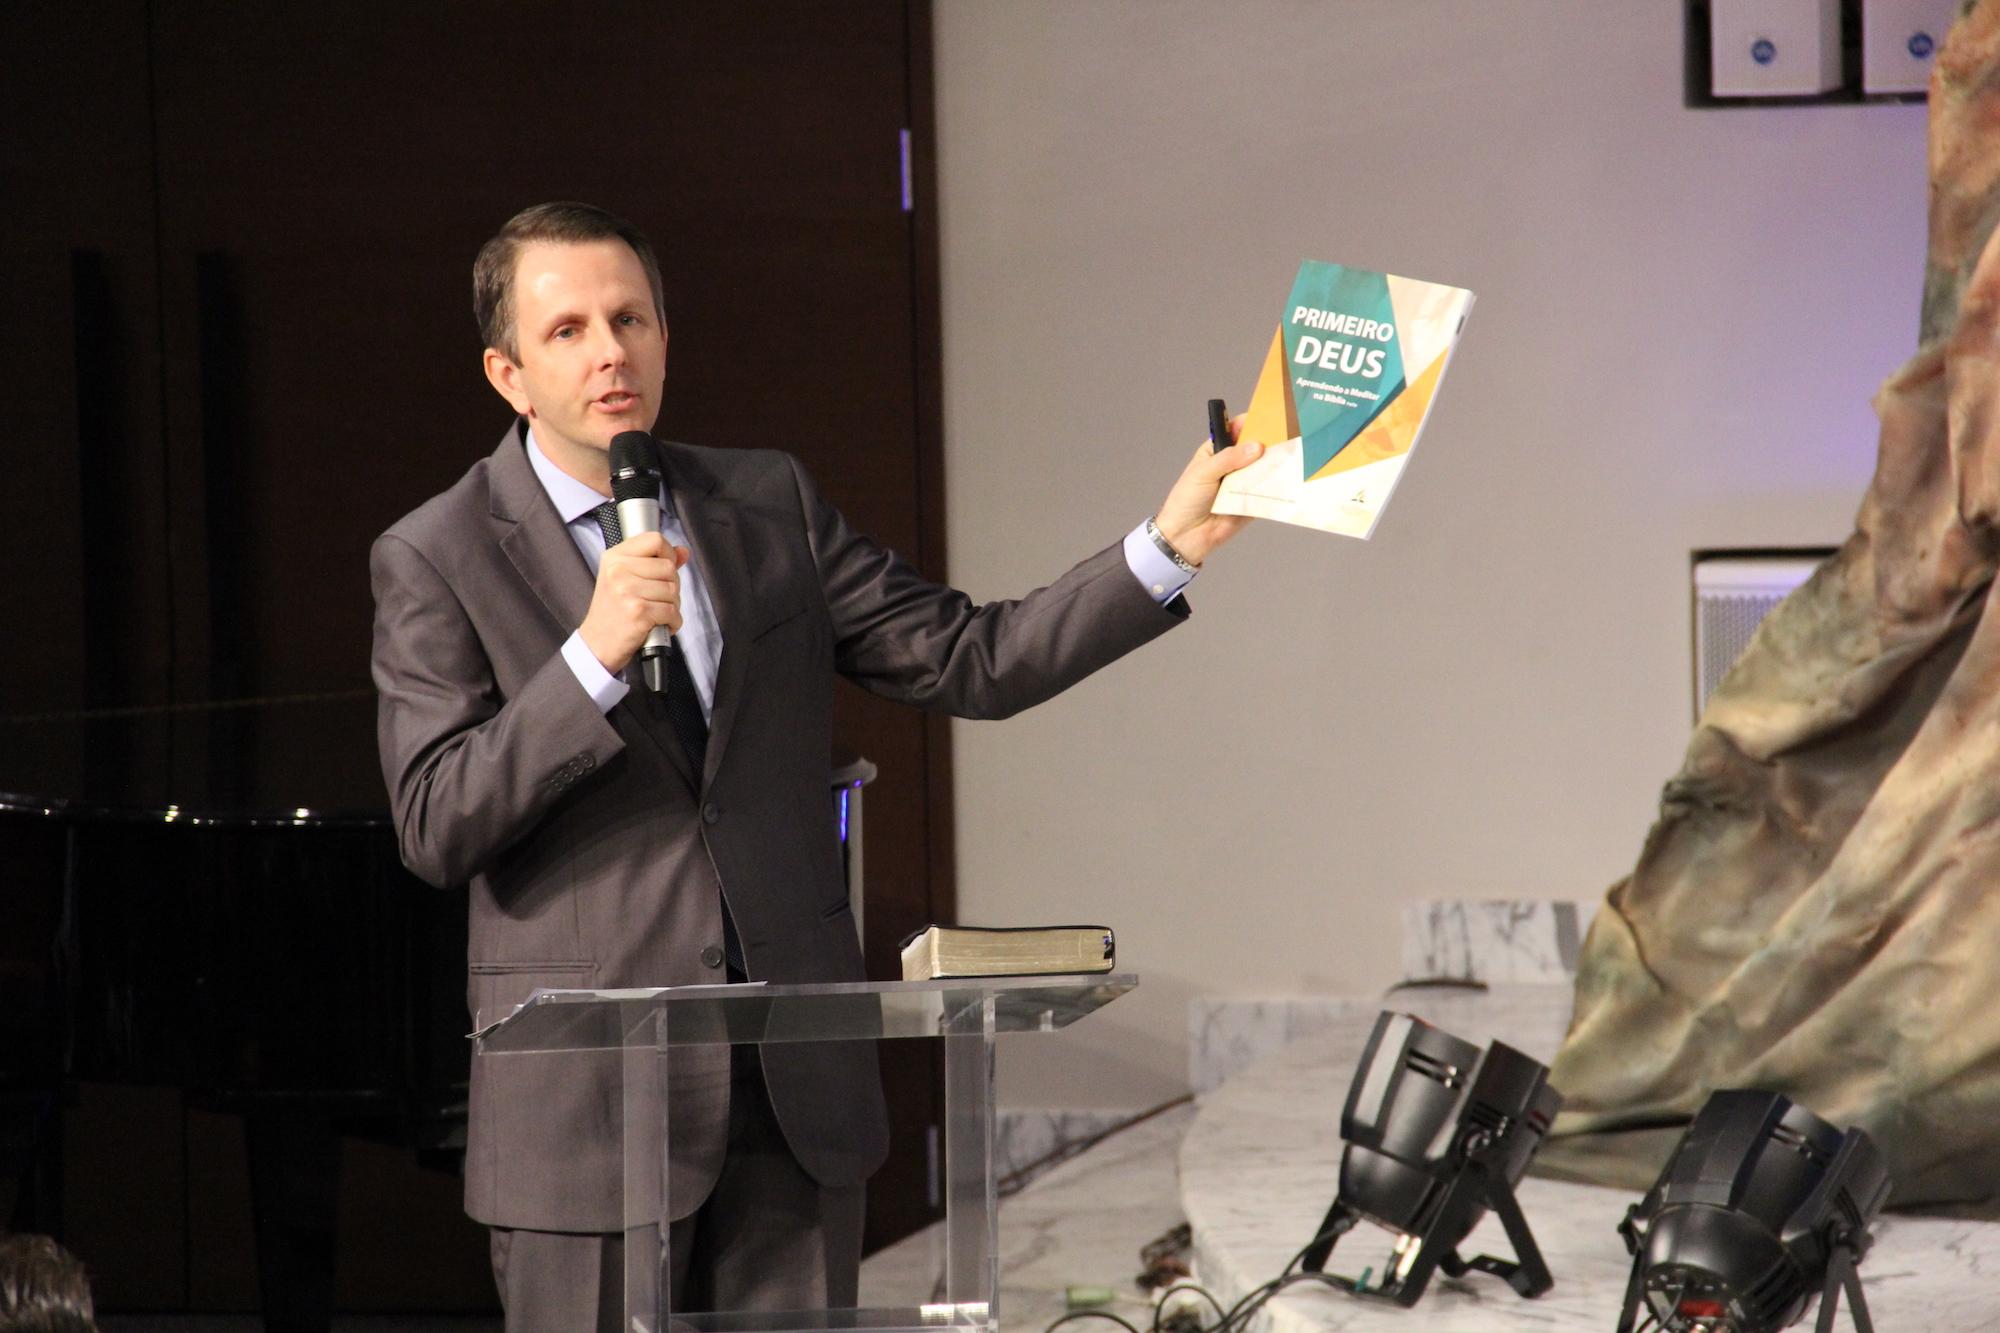 Boger Jr. e o material com o objetivo de mudar a forma de meditar na Bíblia.